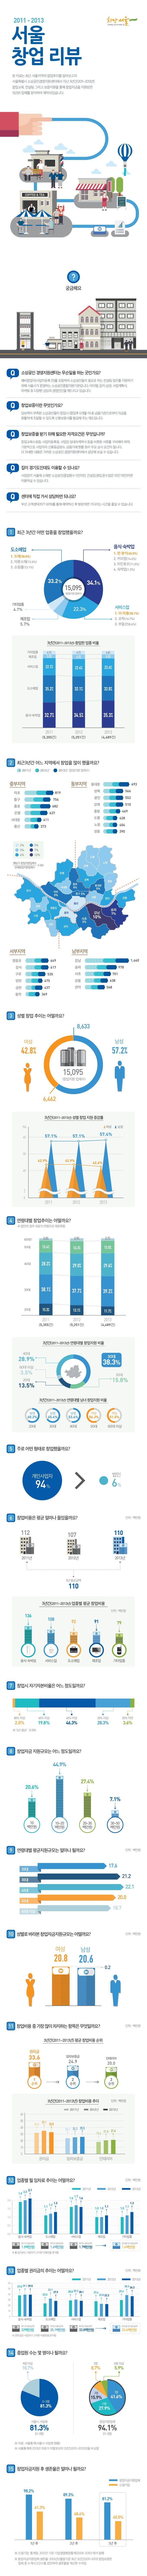 2011-2013 서울창업리뷰에 관한 인포그래픽